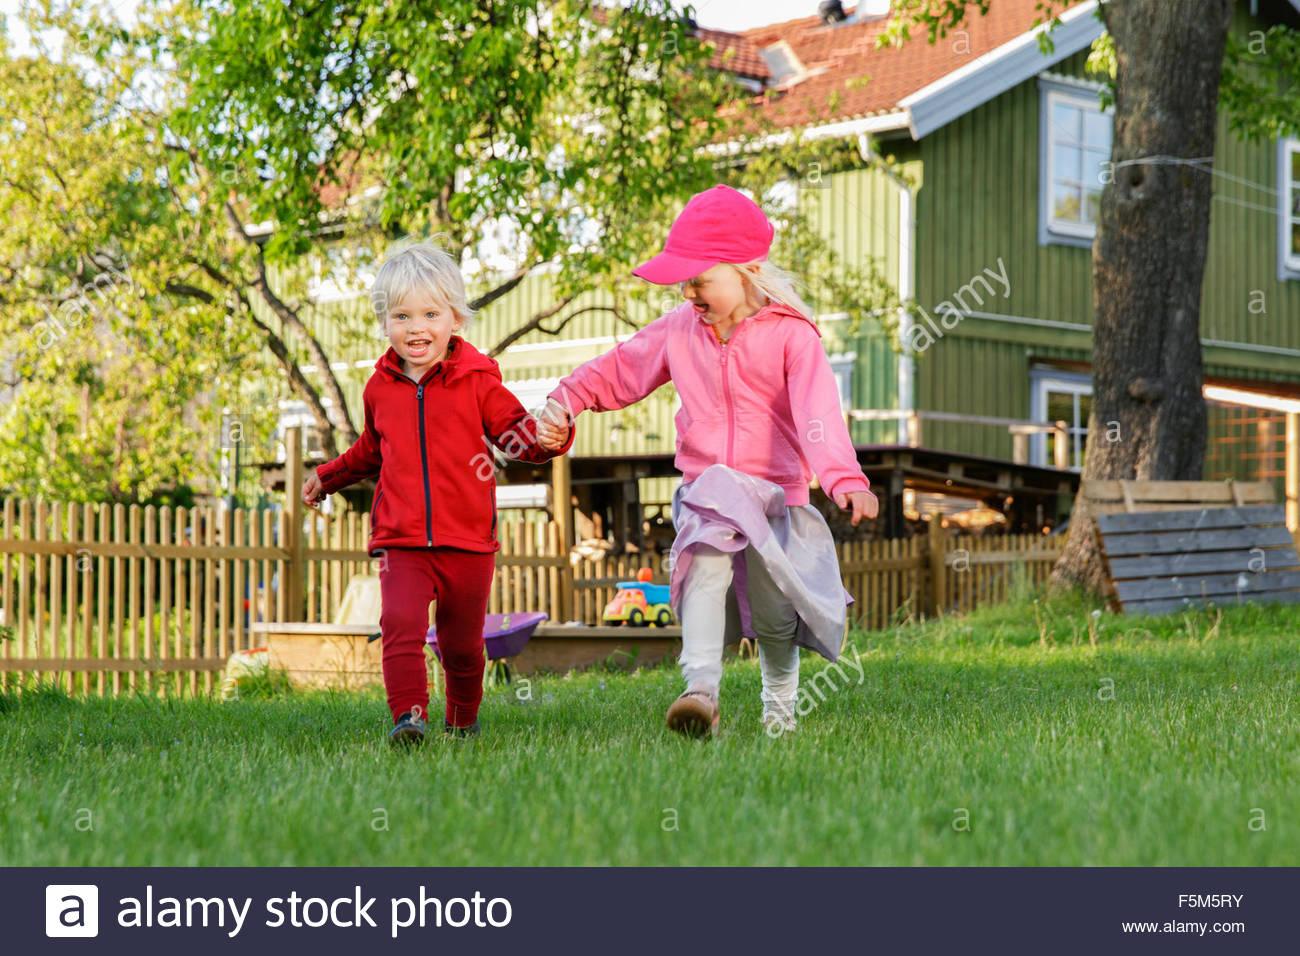 Suecia, Sodermanland, Jarna, Niños (2-3, 4-5) jugando en el patio delantero Imagen De Stock